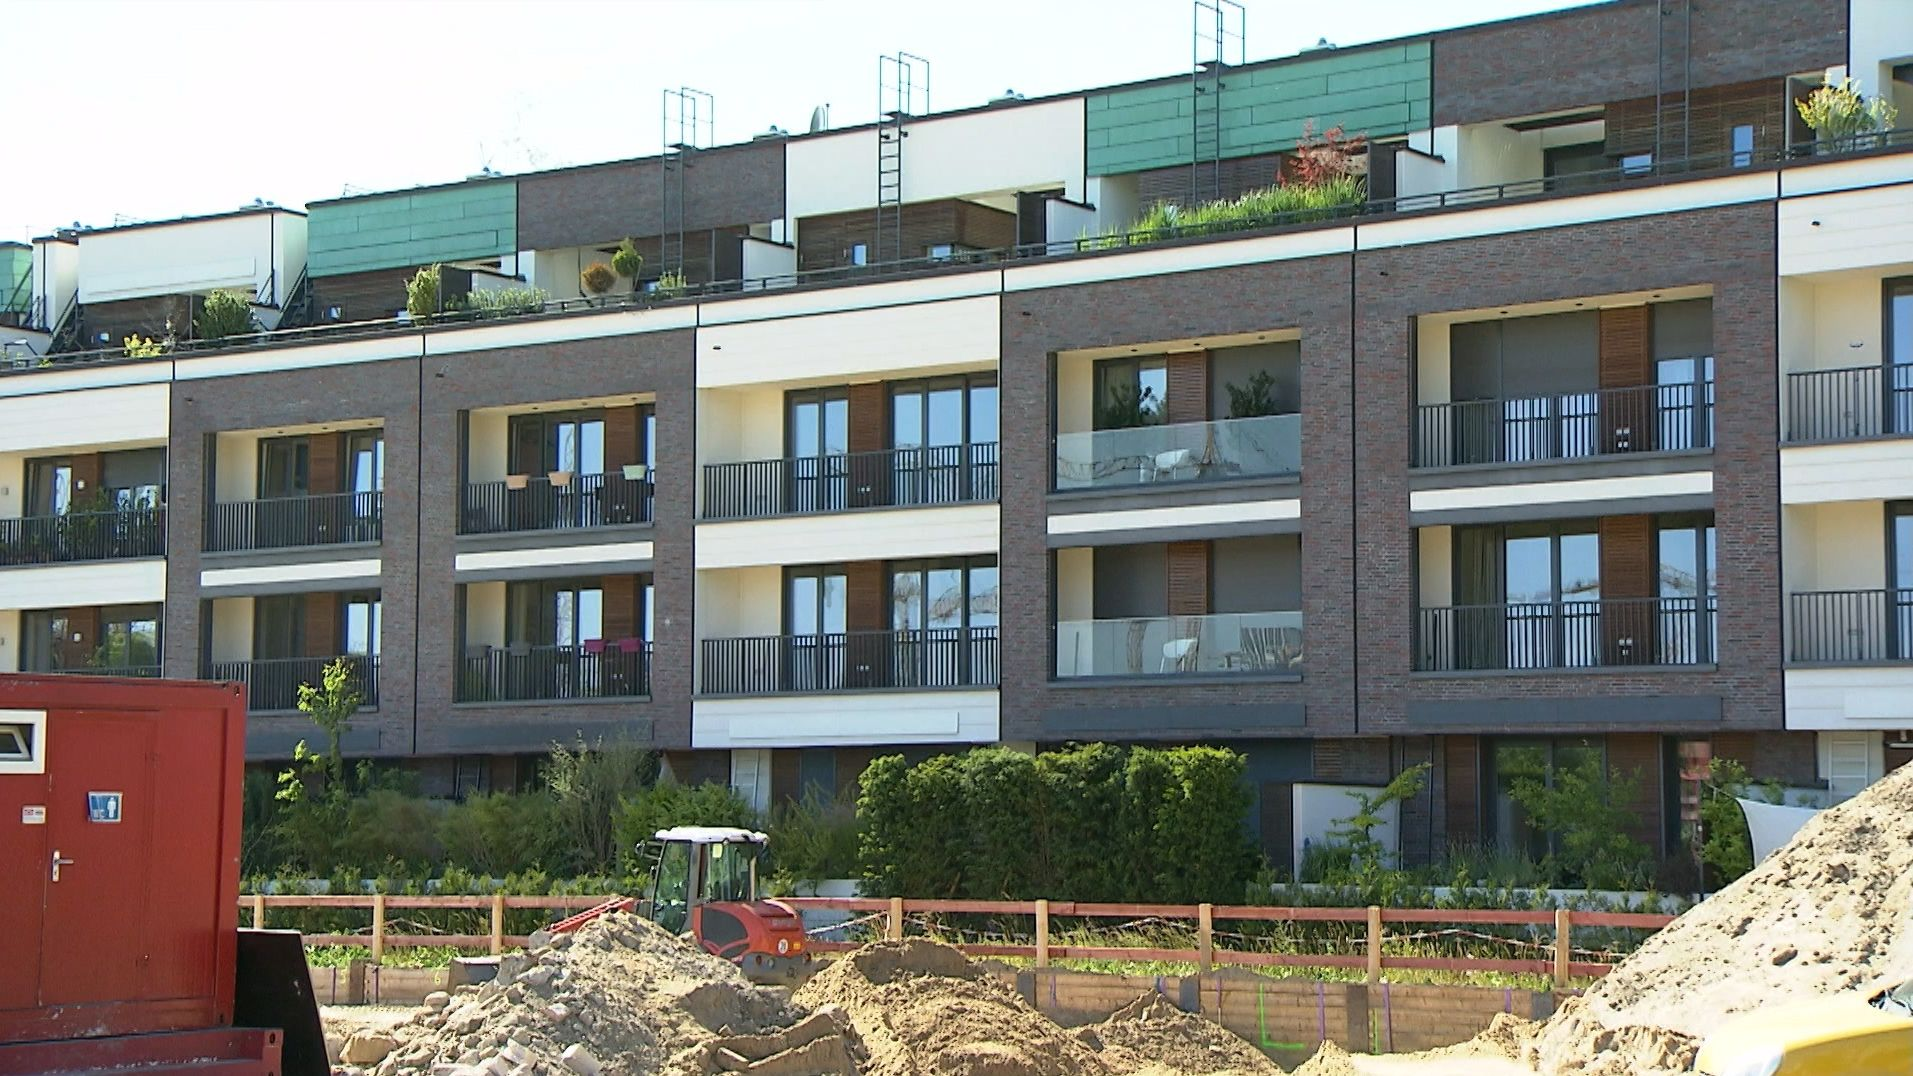 Bezahlbarer Wohnraum in Deutschland bleibt nach wie vor knapp - vor allem in den Ballungsräumen.